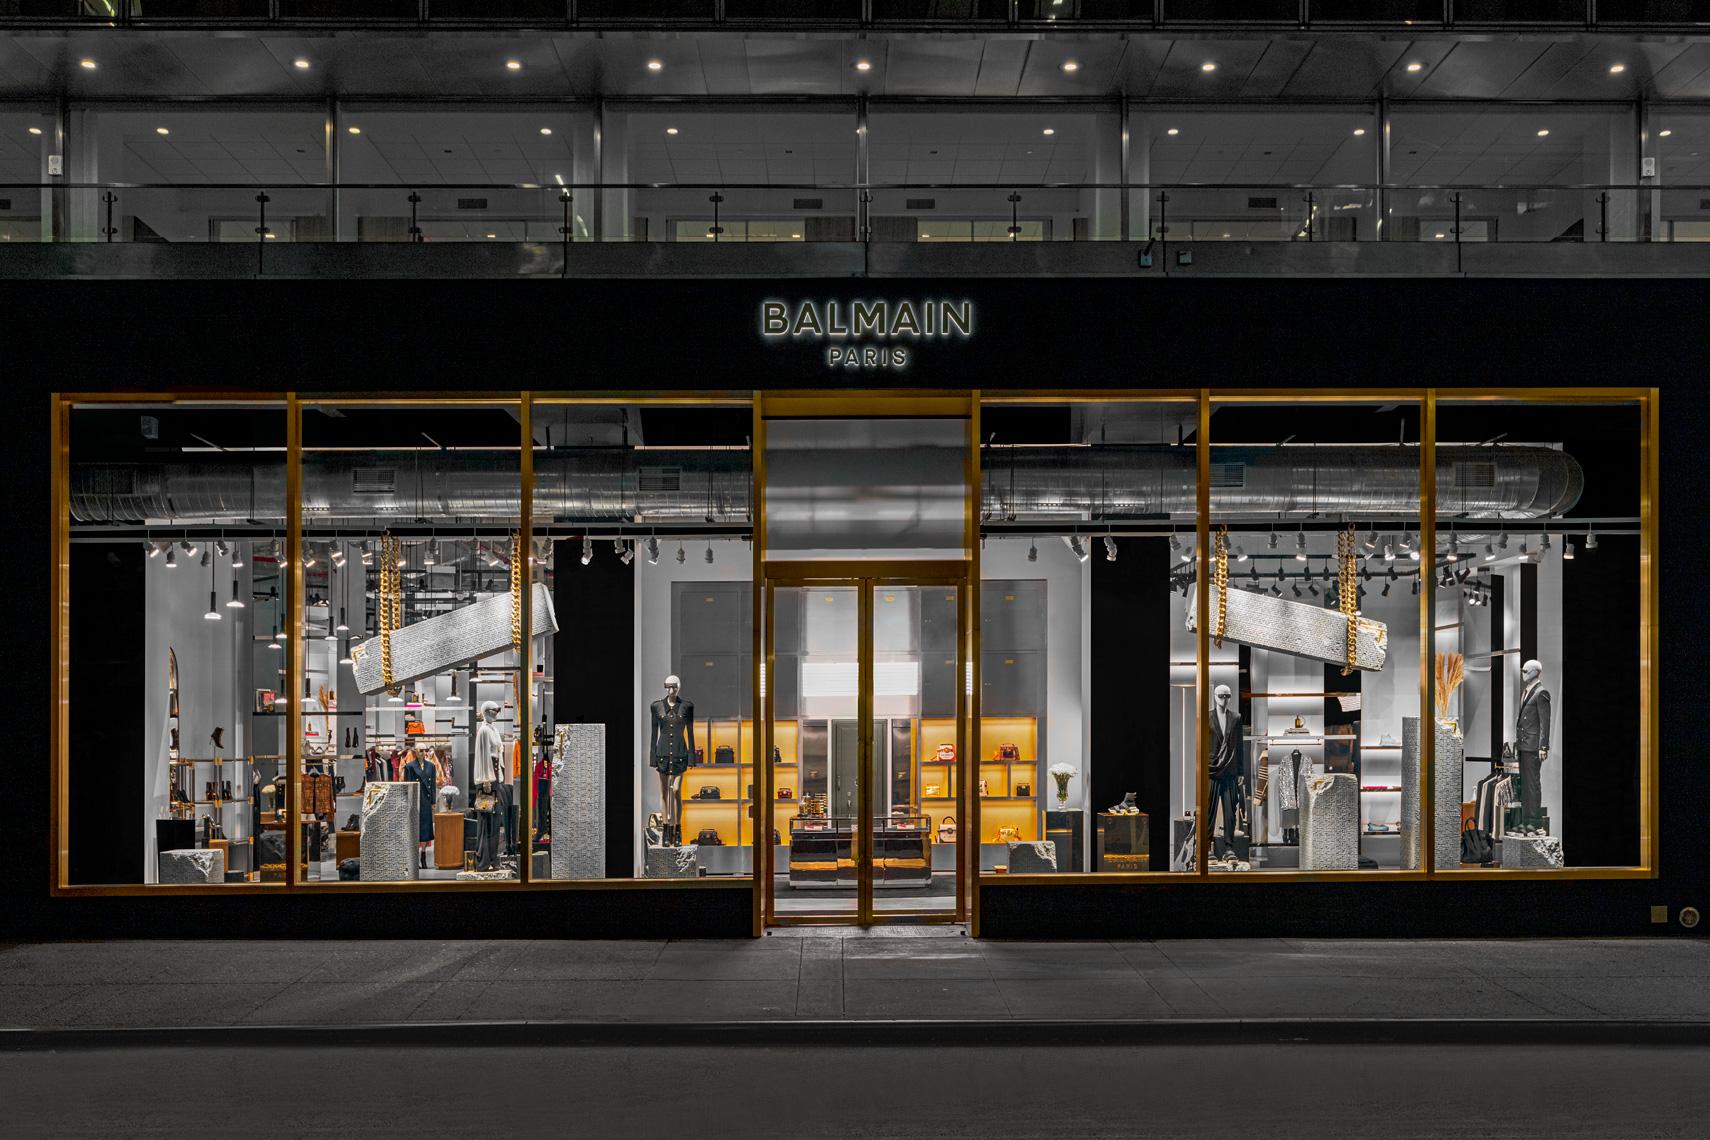 Balmain New York Store